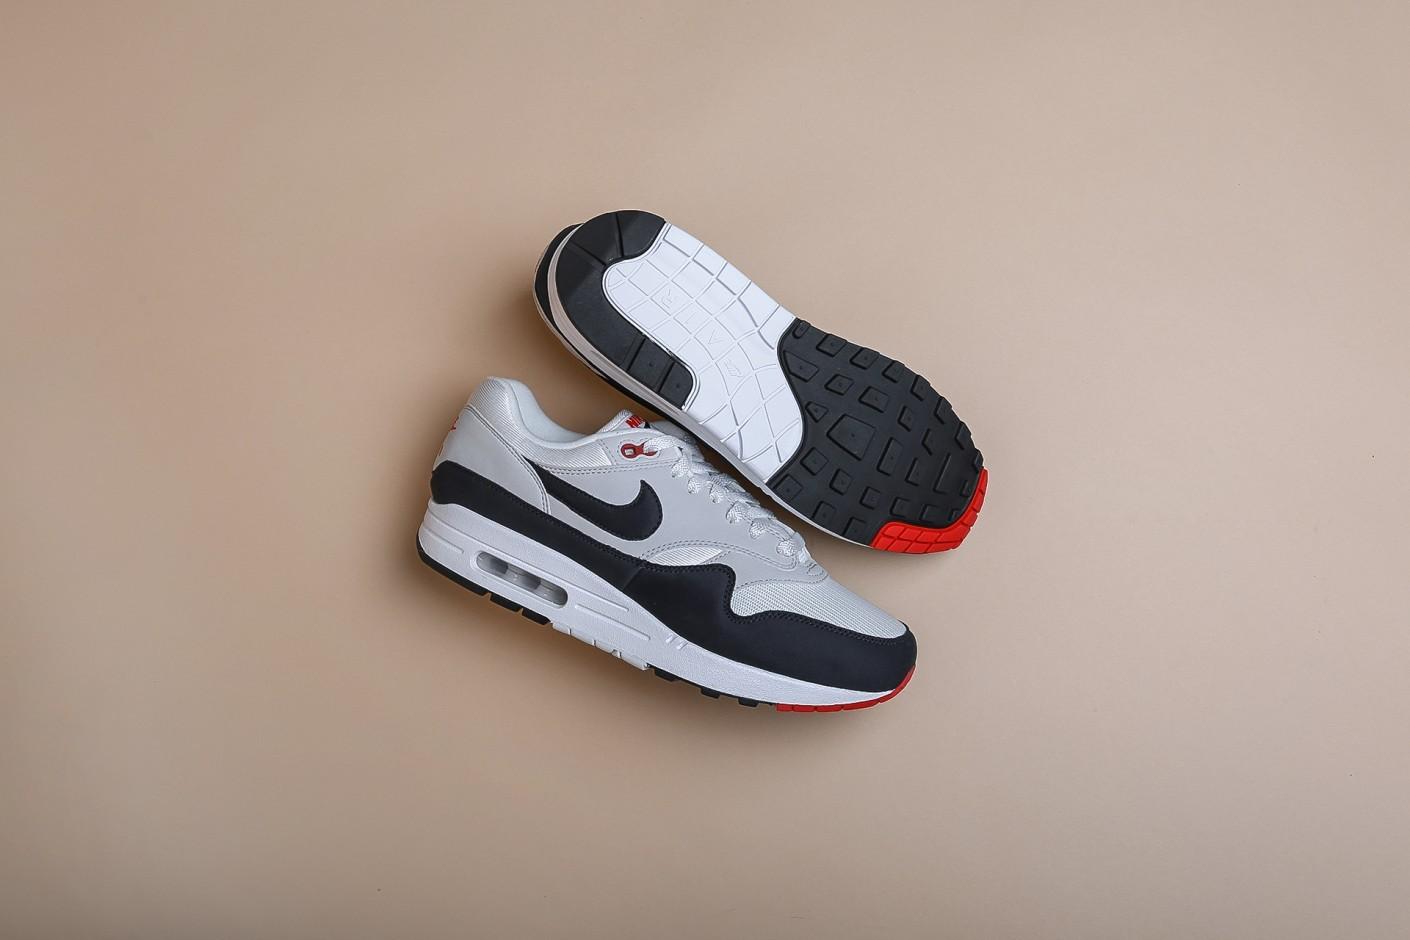 b9a2617b 7 главных моделей в истории технологии Air Max - Статьи блога интернет  магазина Sneakerhead